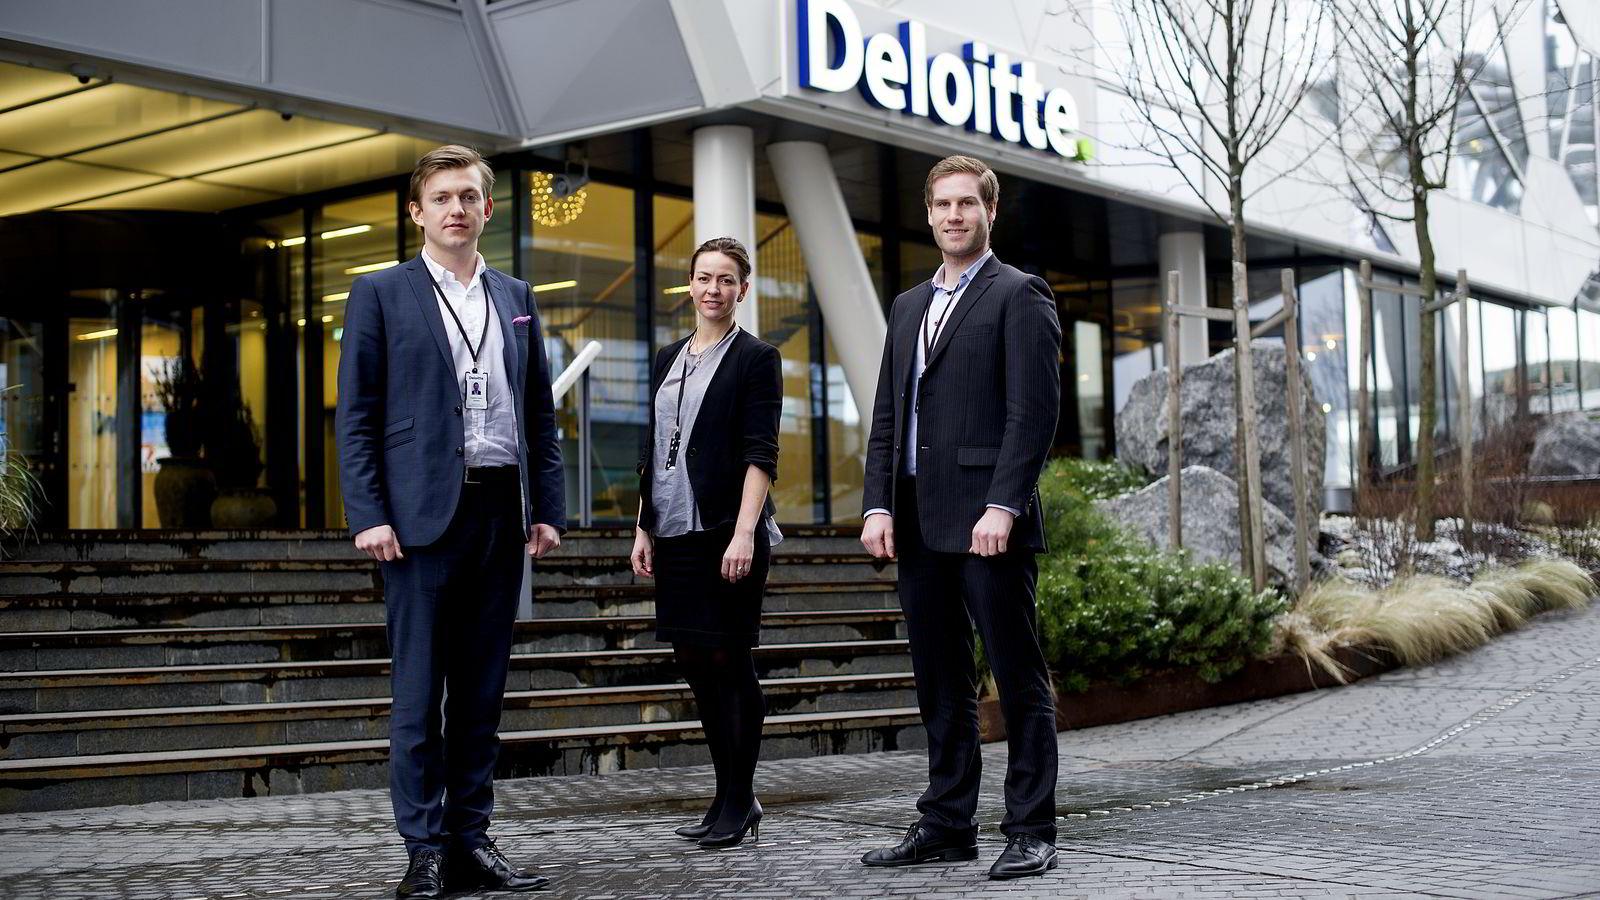 Maria Brevik i Deloitte fremhever gjerne x-faktoren til Fredrik Holm Jansen (t.v) og Knut Masdal (t.h).